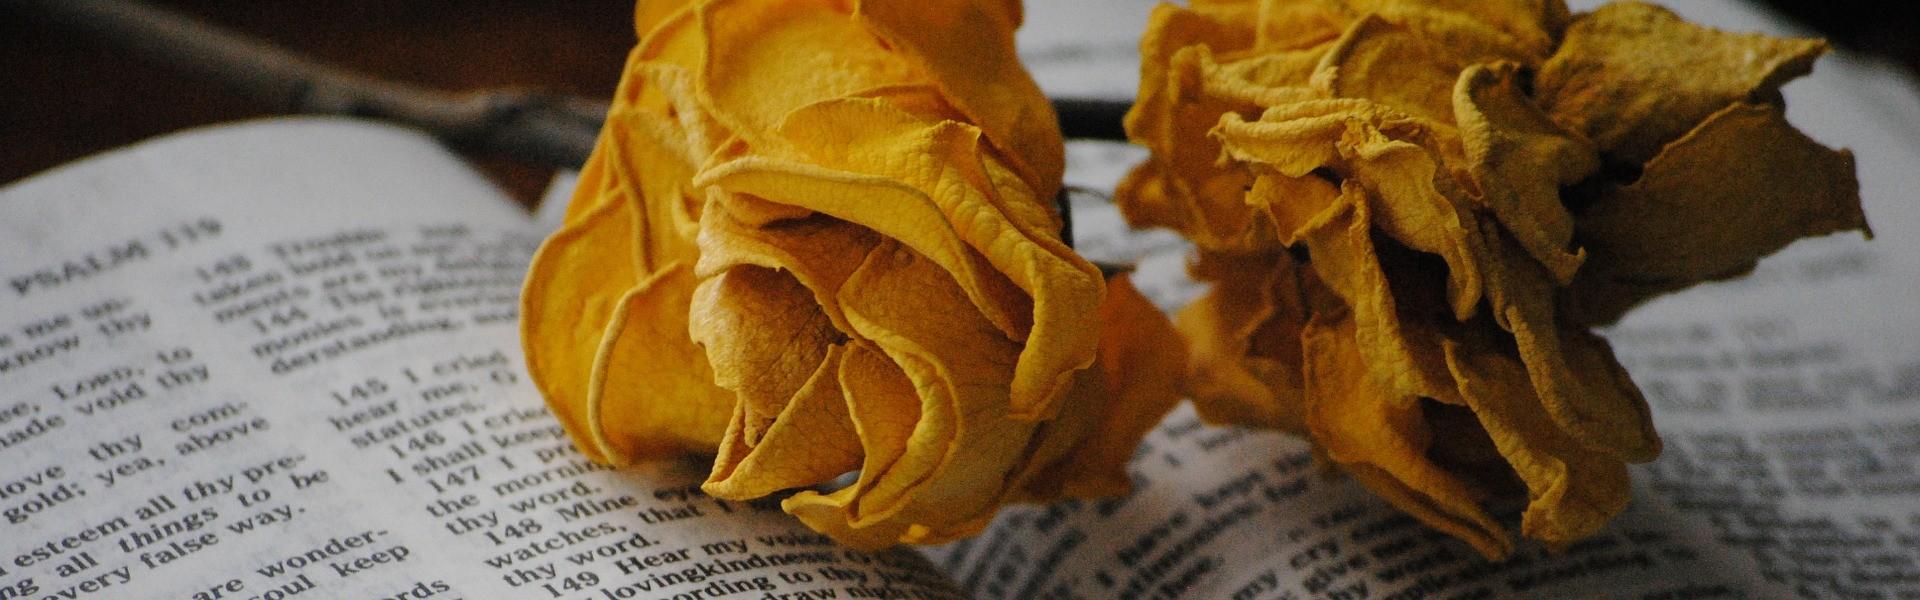 rose-697648_1920